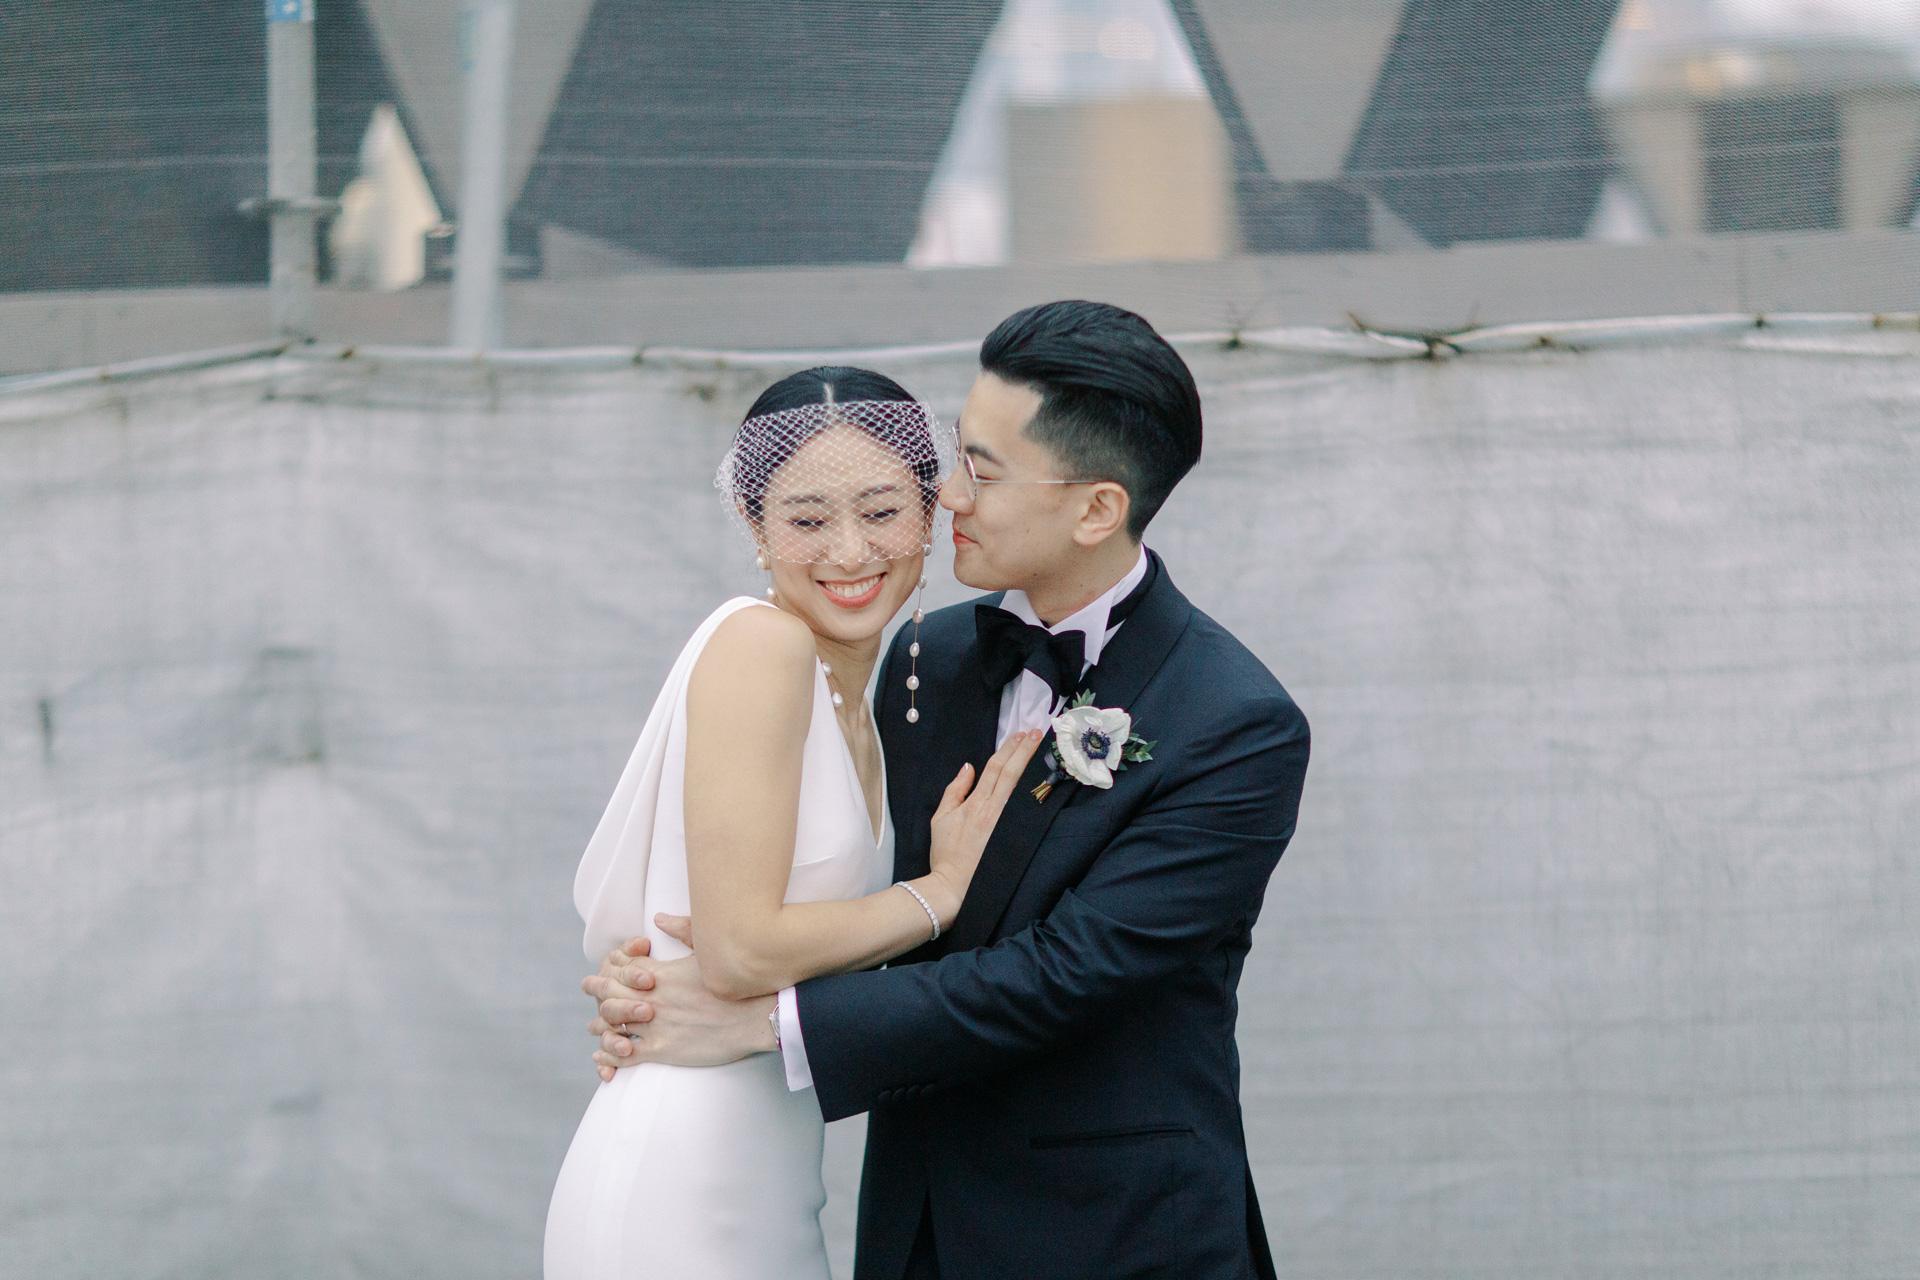 nikkiloveu-hongkong-wedding-day-hexa-ant-cat-lauhaus-032.jpg